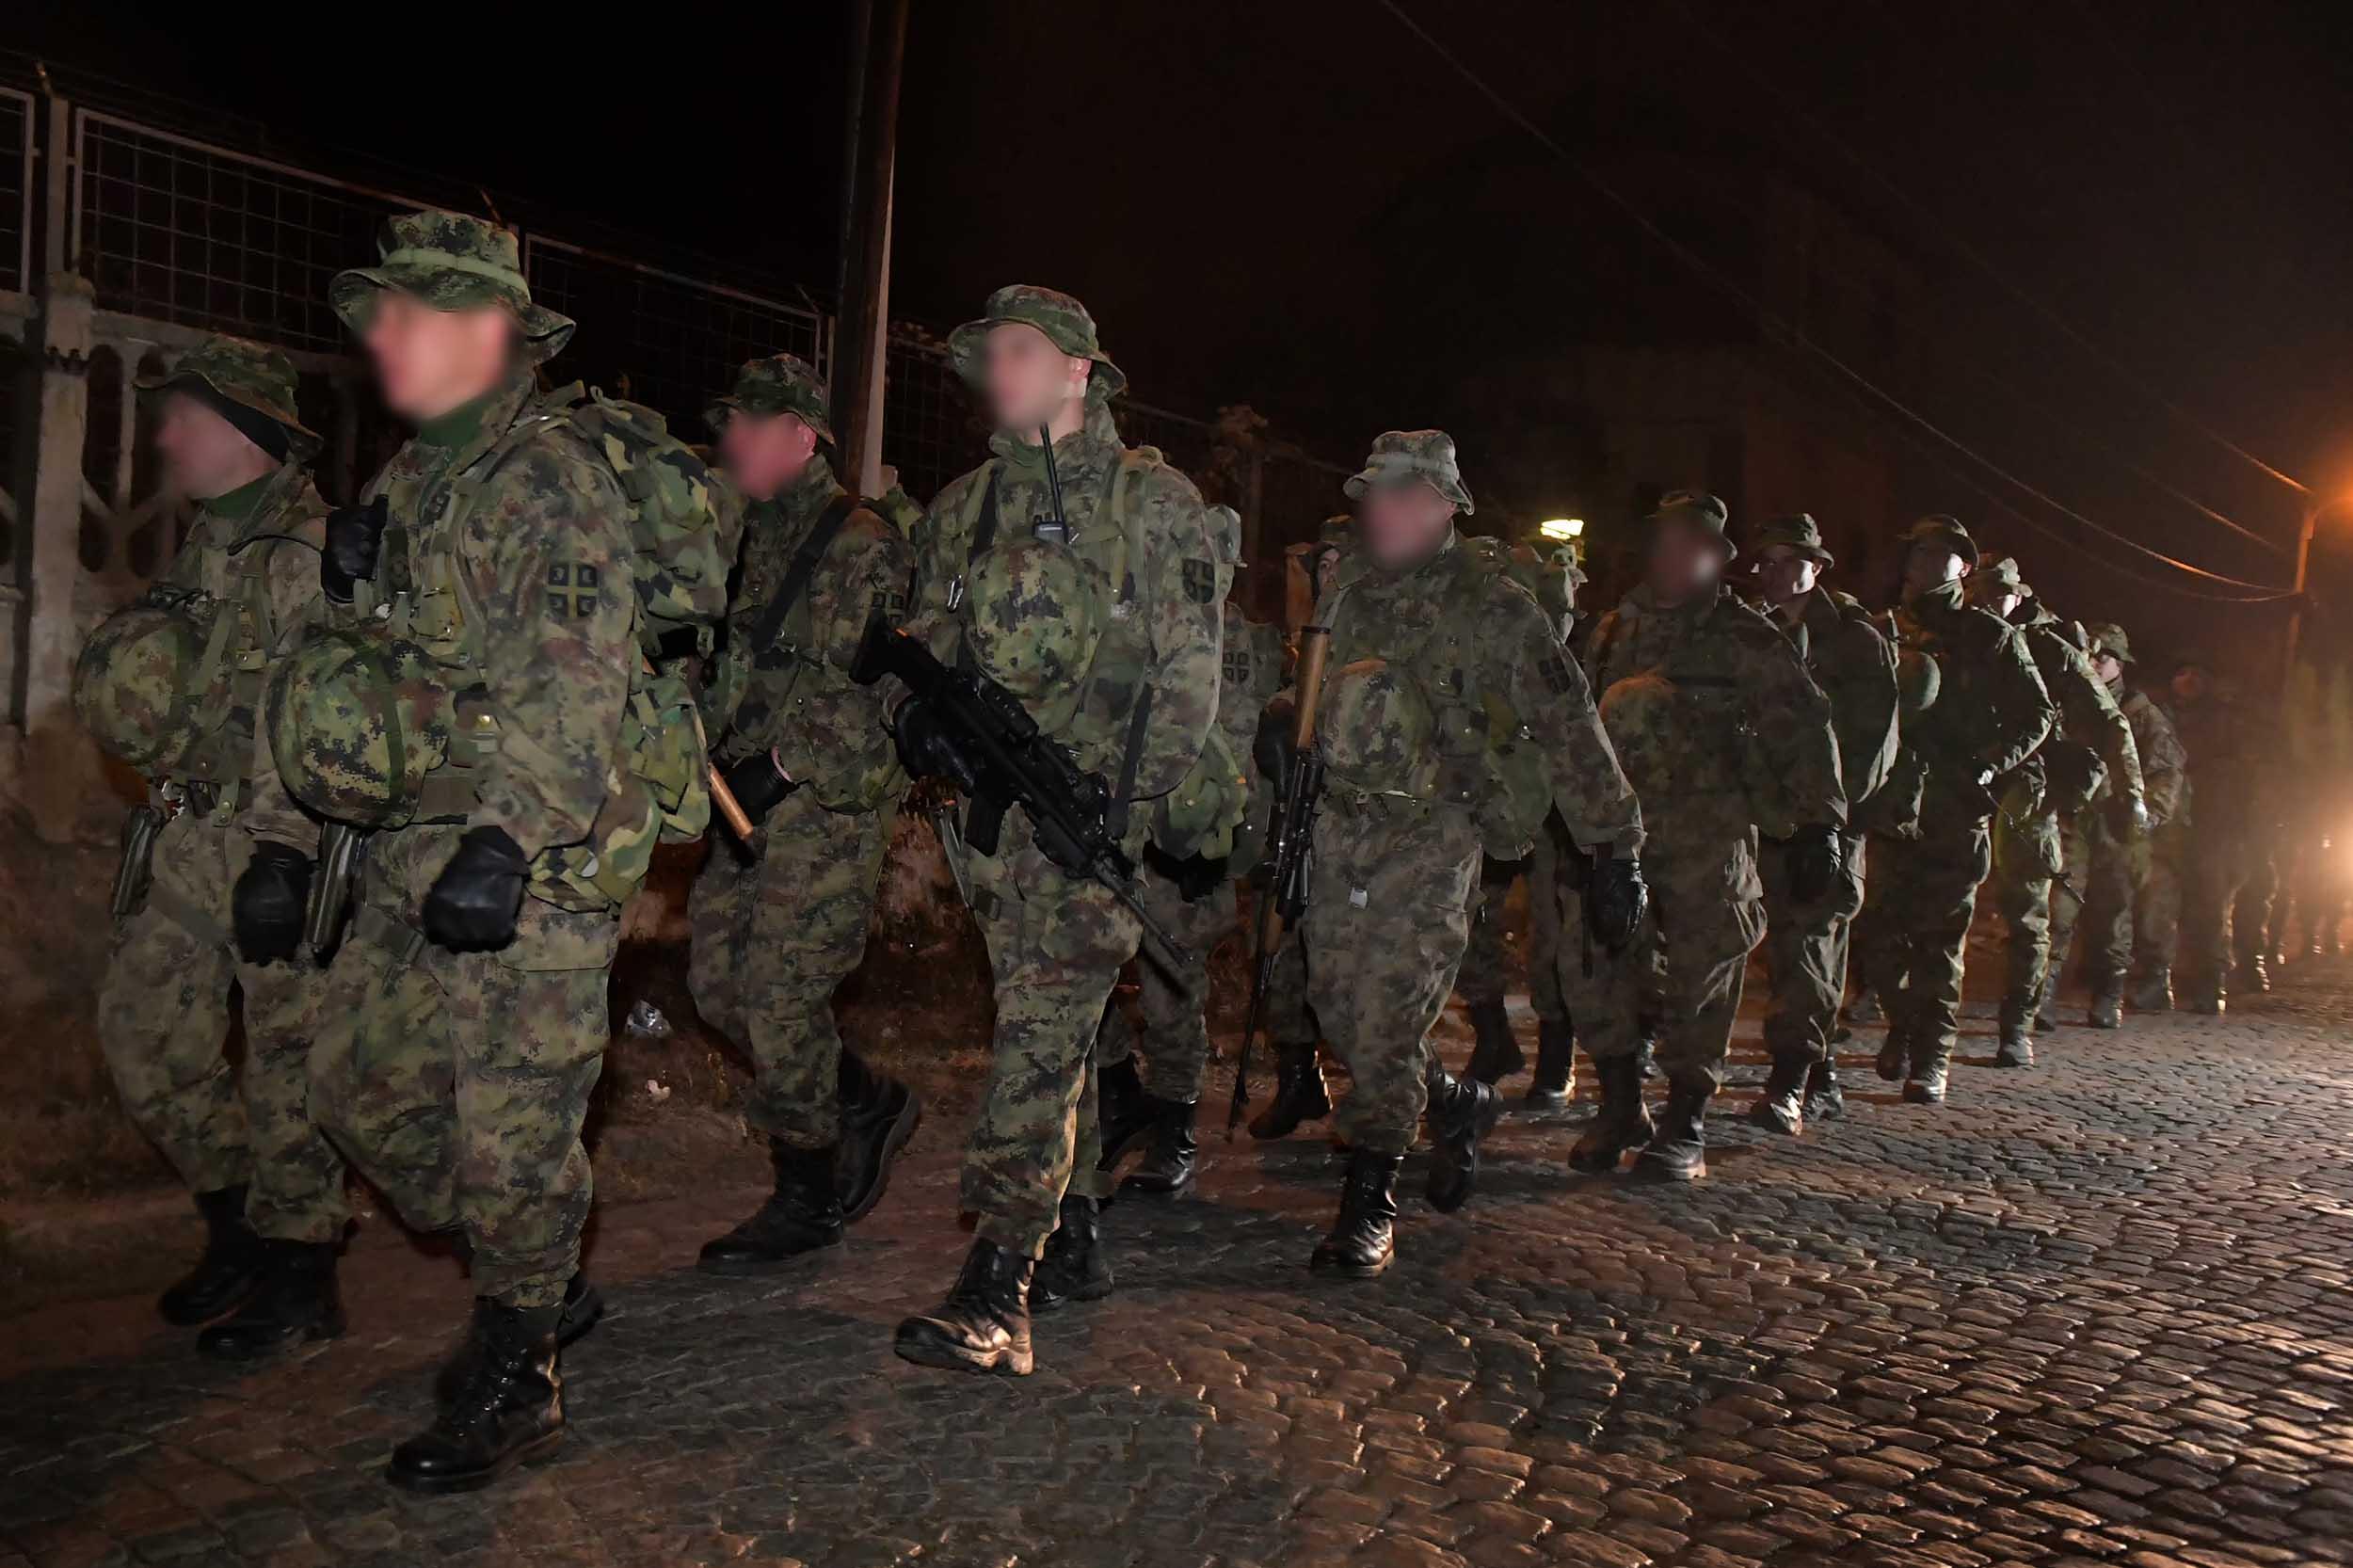 Pripadnici niškog 63. padobranskog bataljona izveli kondicioni marš u dužini od 20 kilometara